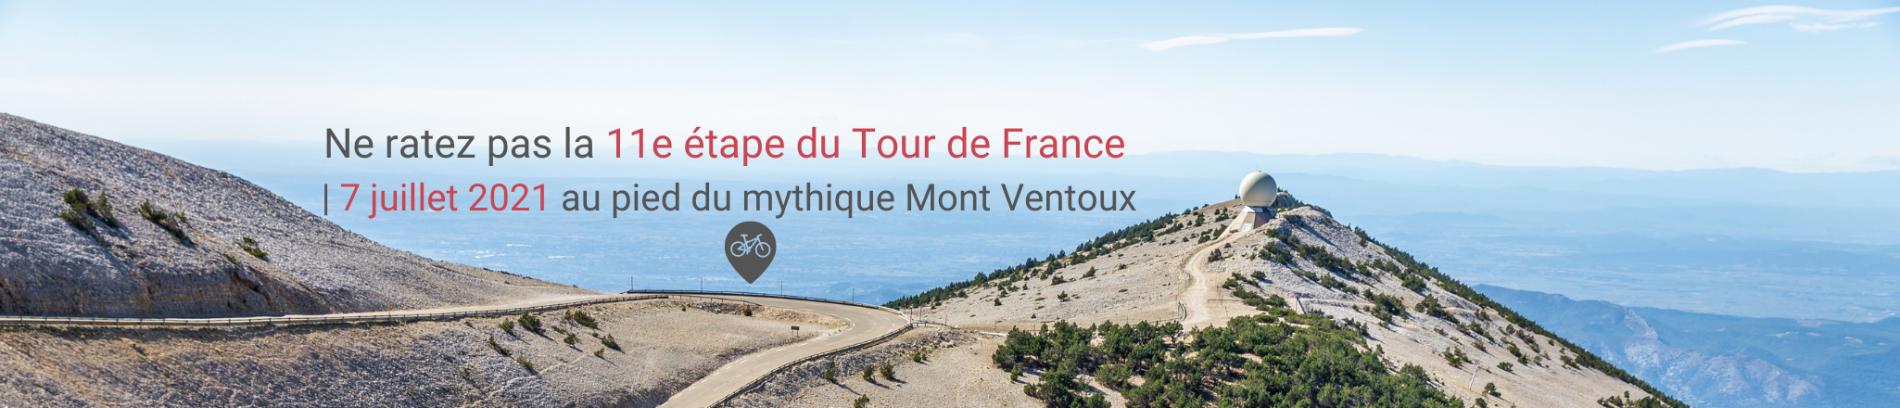 Slide Tour de France Mont Ventoux